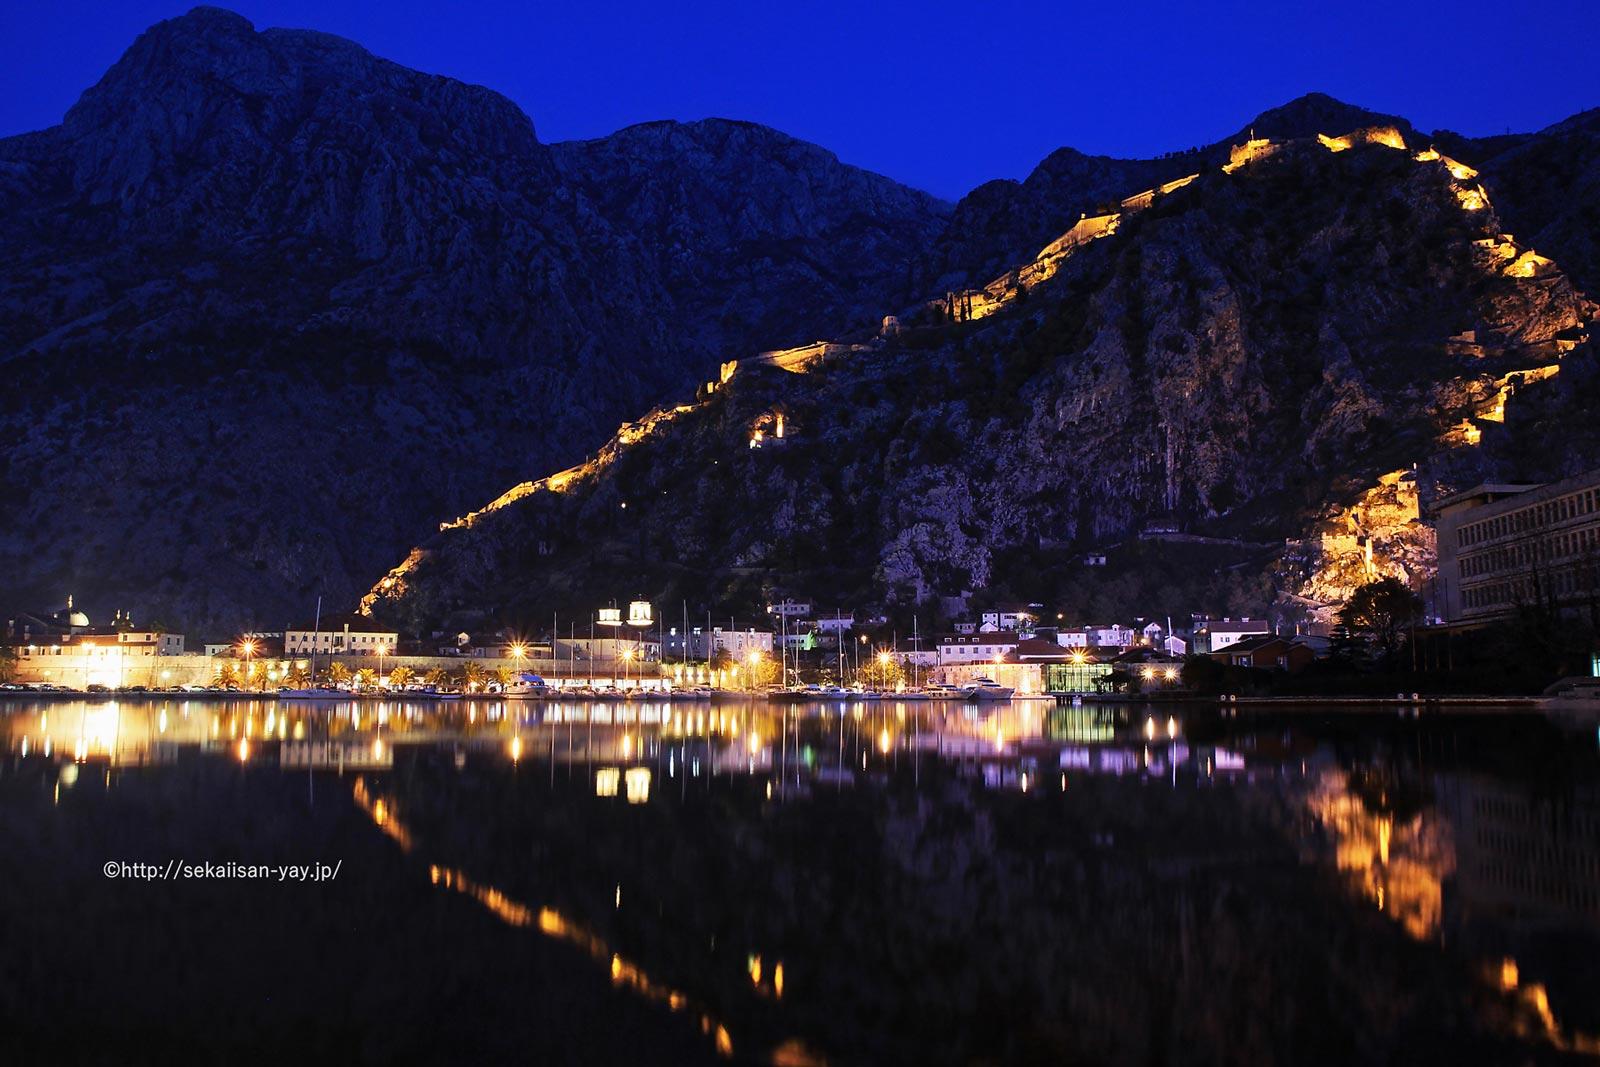 モンテネグロ「コトルの自然と文化-歴史地域」